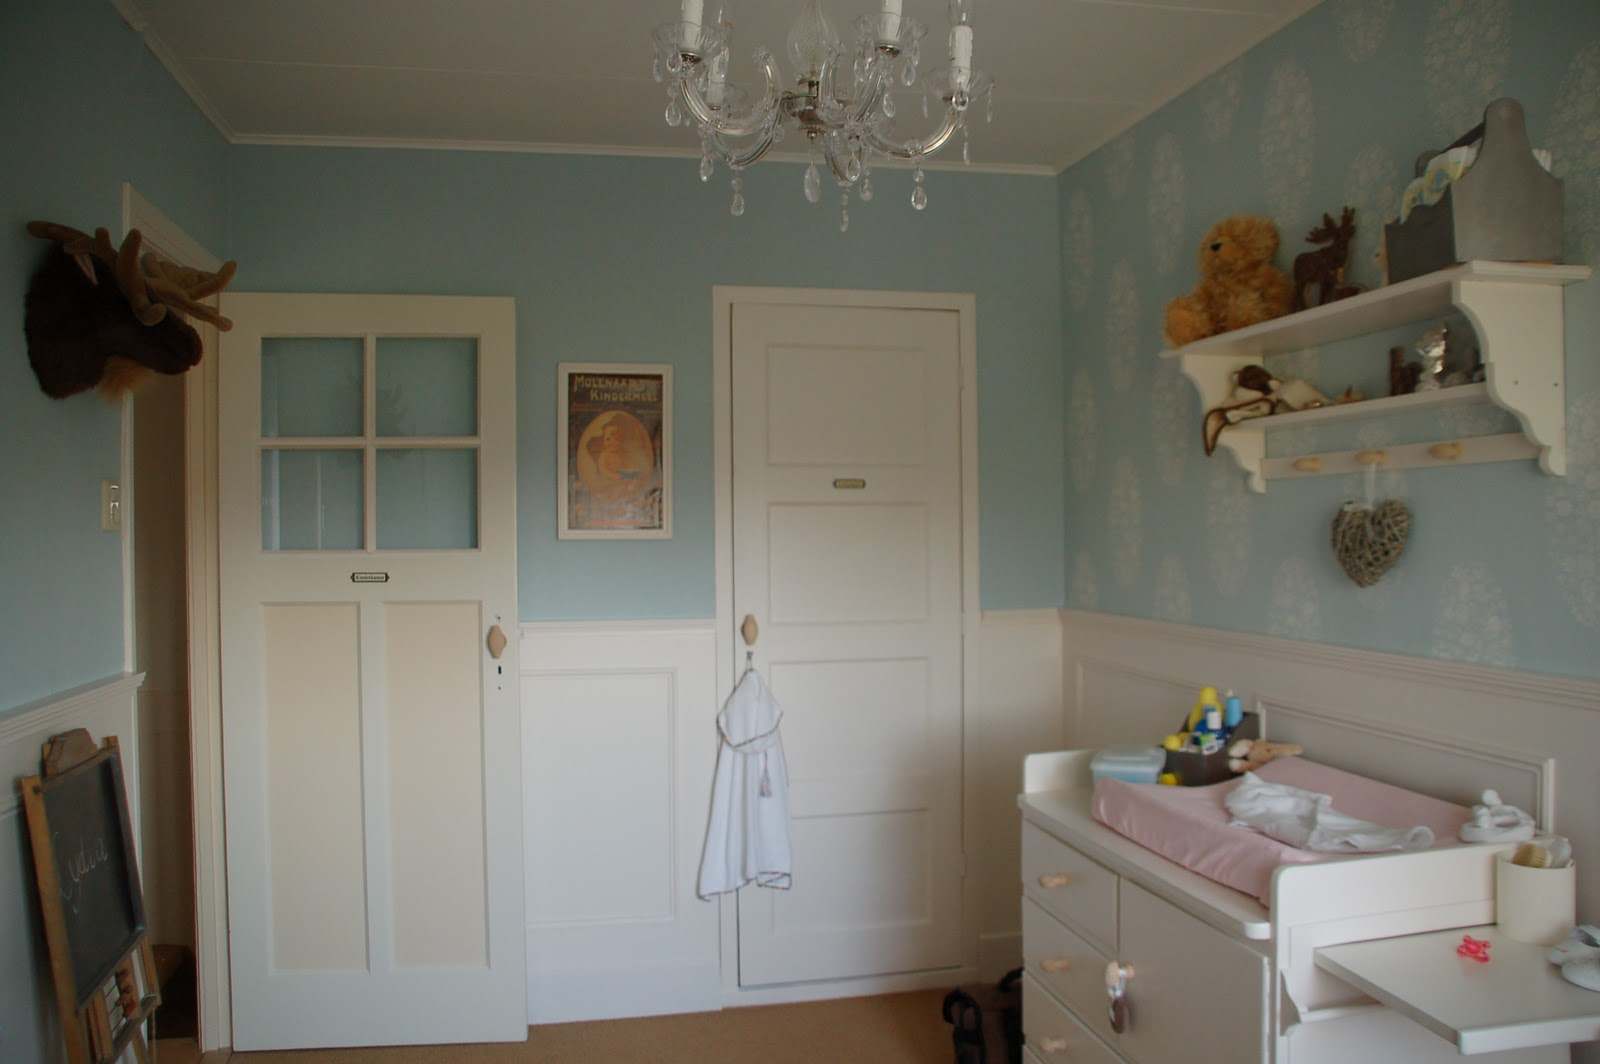 Lambrisering Schilderen Kinderkamer : Lambrisering verven kinderkamer een lambrisering schilderen in de